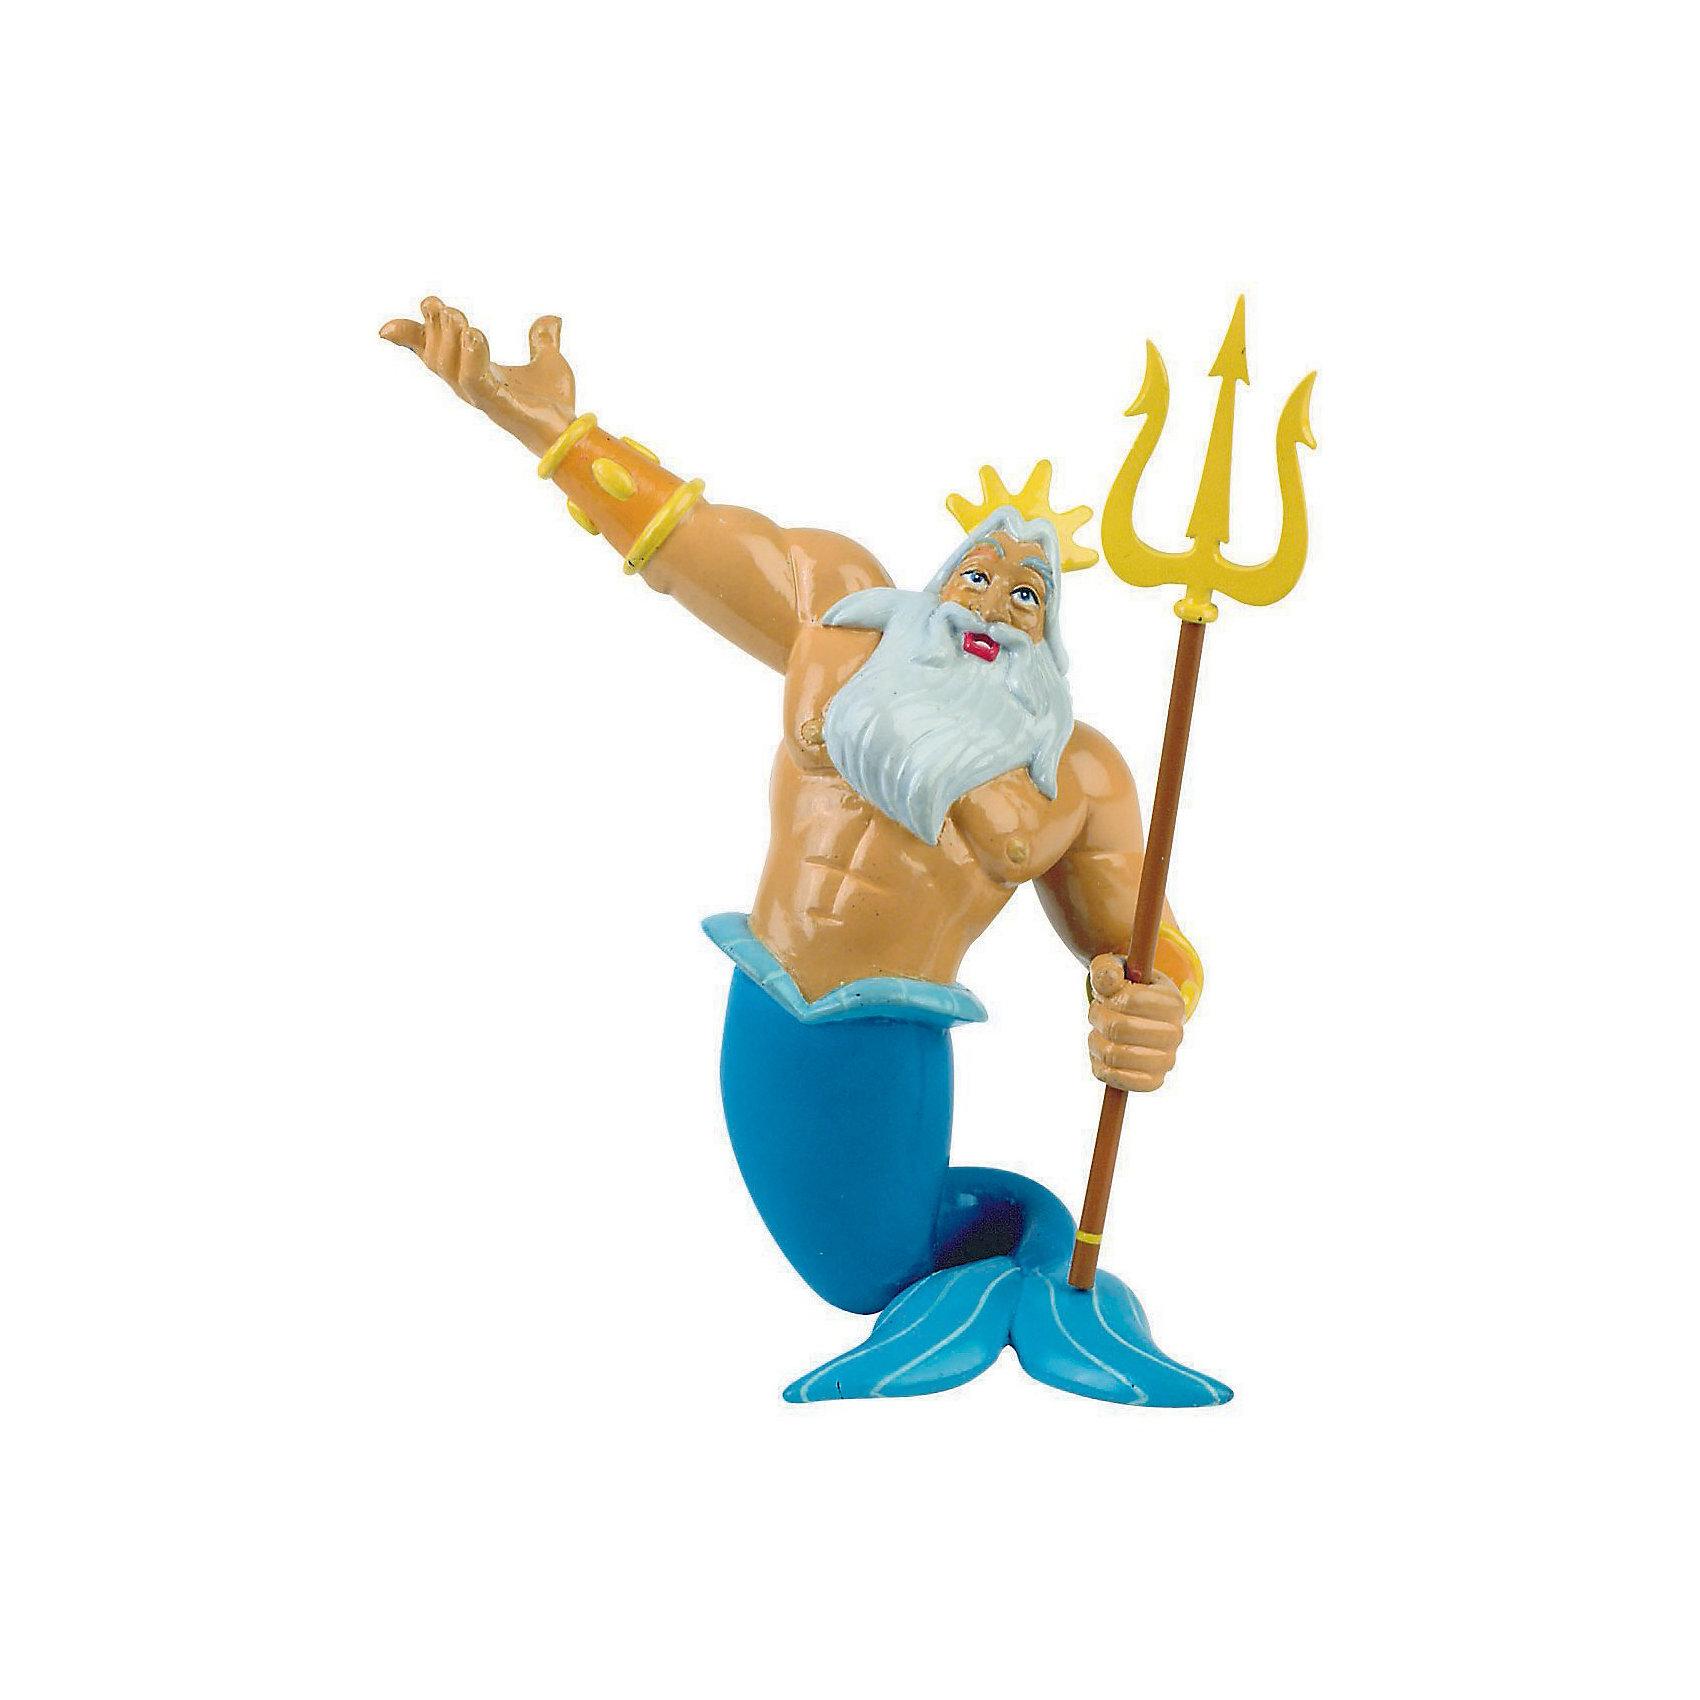 Фигурка Тритон,  DisneyПопулярные игрушки<br>Фигурка морского царя Тритона из мультфильма Уолта Диснея «Русалочка». Отец Ариэль, морской царь Тритон, по-королевски суровый, но справедливый. Он очень любит свою дочь, прекрасную Русалочку. Переживая за ее судьбу, морской царь мечтает о ее счастье. Фигурка морского царя поражает своим могуществом и силой. Большая белая борода, трезубец и корона – неизменные атрибуты царя Тритона. Игрушка выполнена из высококачественных нетоксичных материалов, безопасна для детей. <br><br>Дополнительная информация:<br><br>Размер:10см<br>Материал: термопластичный каучук высокого качества. <br> <br>Фигурку Тритон,  Disney можно купить в нашем магазине.<br><br>Ширина мм: 65<br>Глубина мм: 65<br>Высота мм: 103<br>Вес г: 39<br>Возраст от месяцев: 36<br>Возраст до месяцев: 96<br>Пол: Мужской<br>Возраст: Детский<br>SKU: 2341229